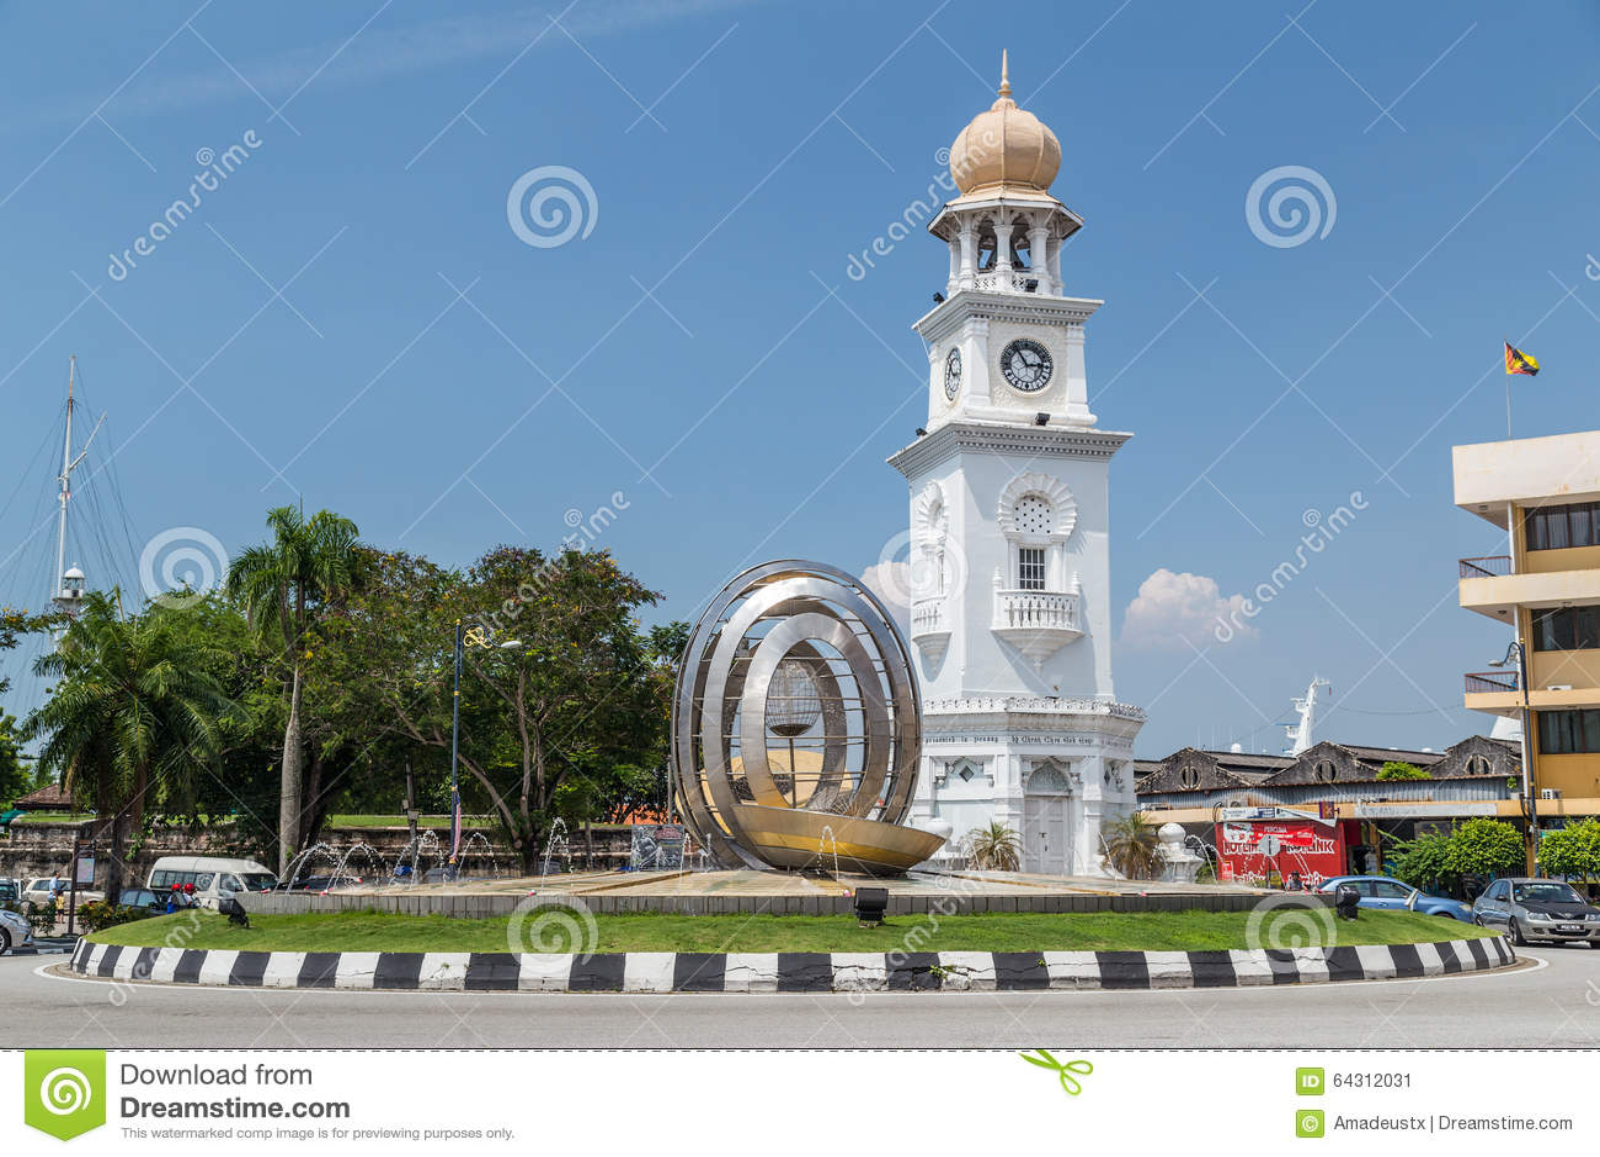 Georgetown Penang/Malaysia - circa Oktober 2015: Drottning Victoria Memorial Clocktower i Georgetown, Penang, Malaysia